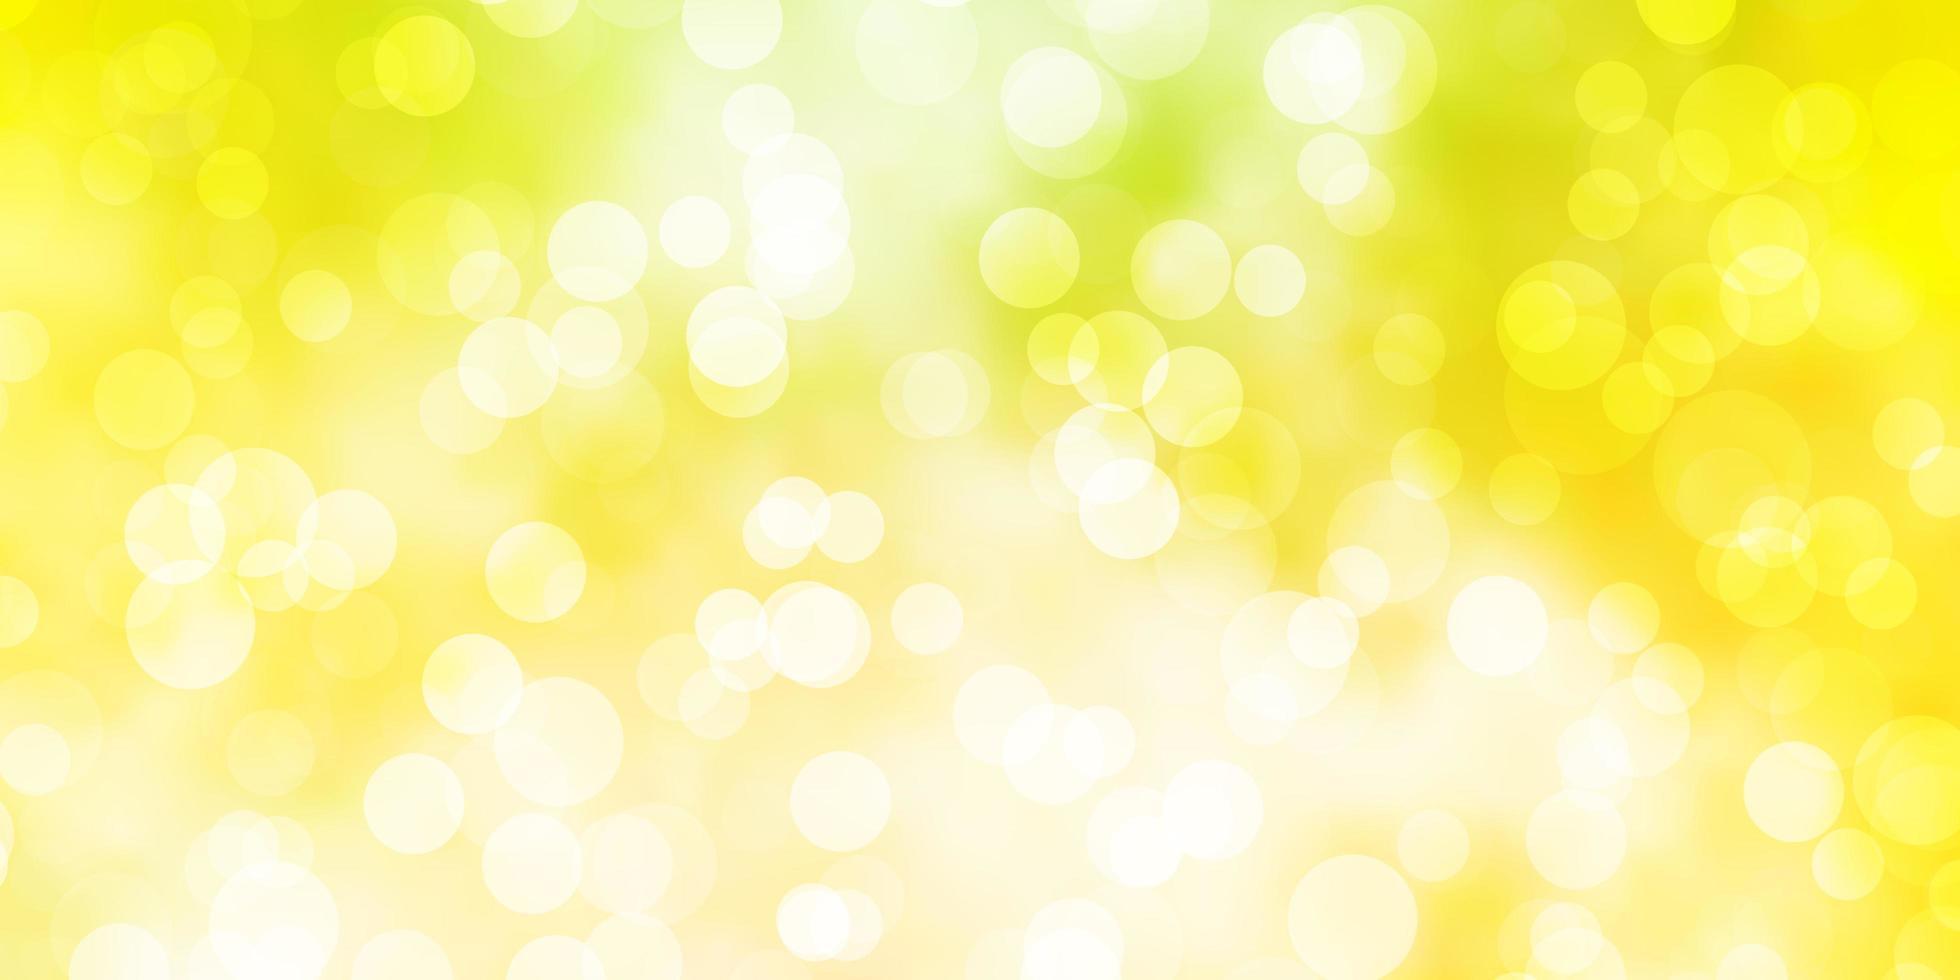 lichtgroen, geel vectorpatroon met bollen. vector